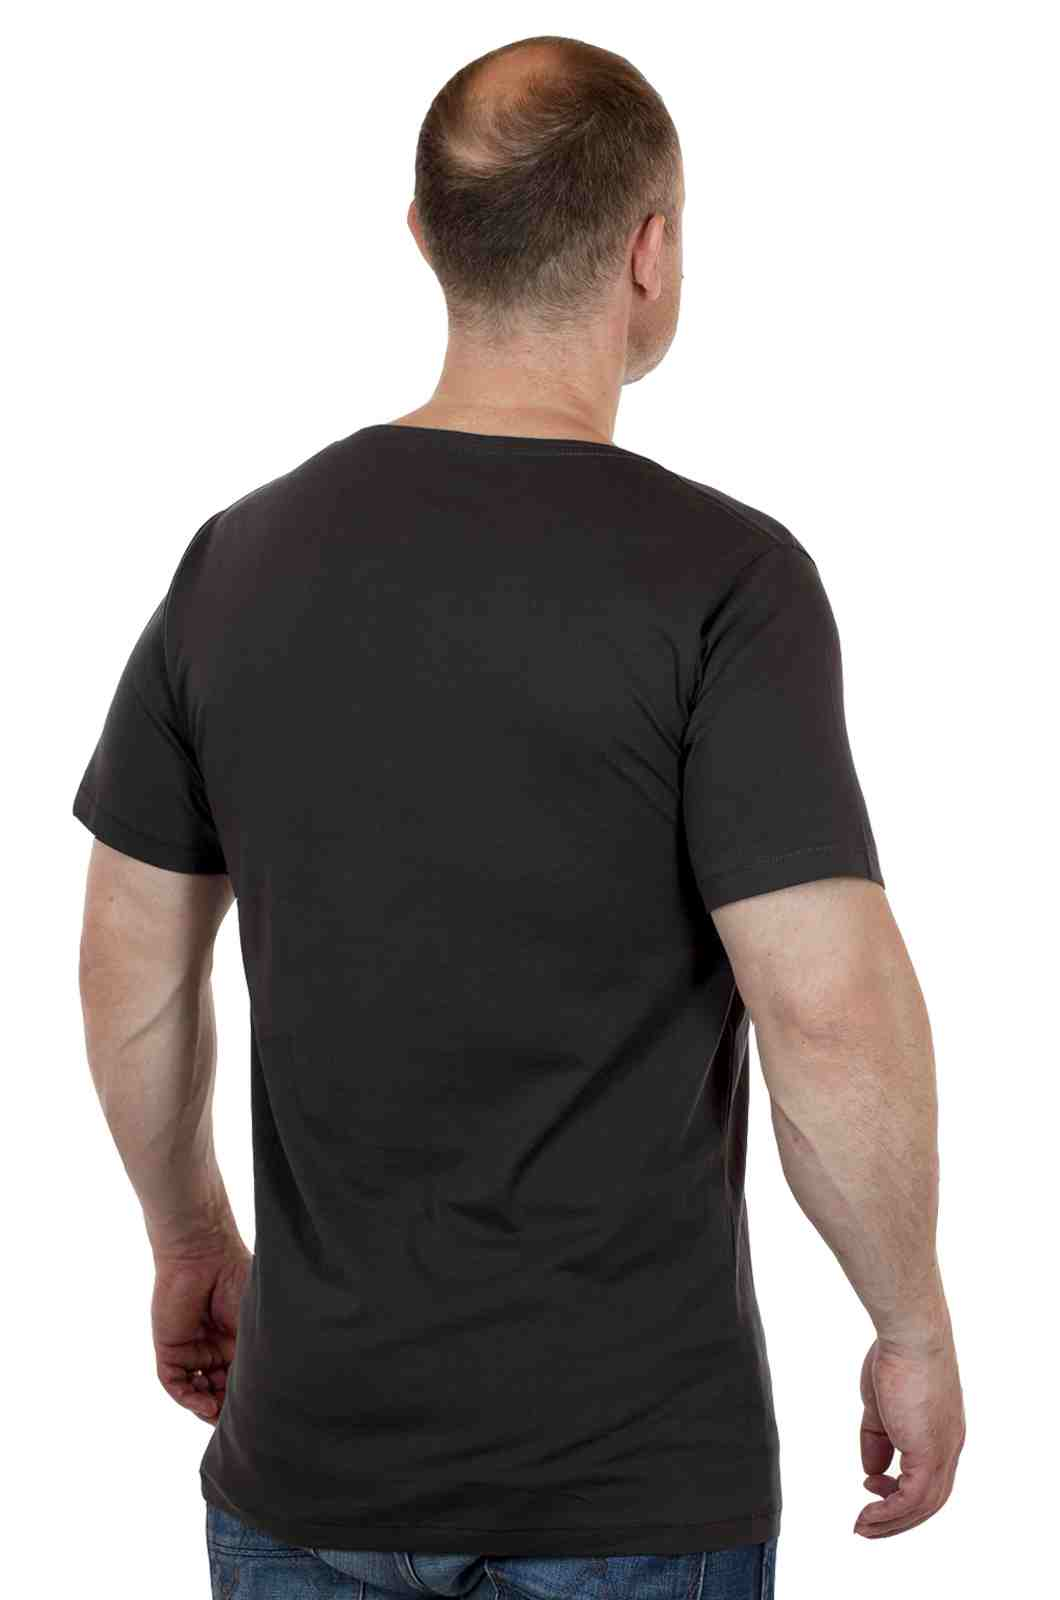 Свободная футболка для спортивных парней ARTICLE-сзади